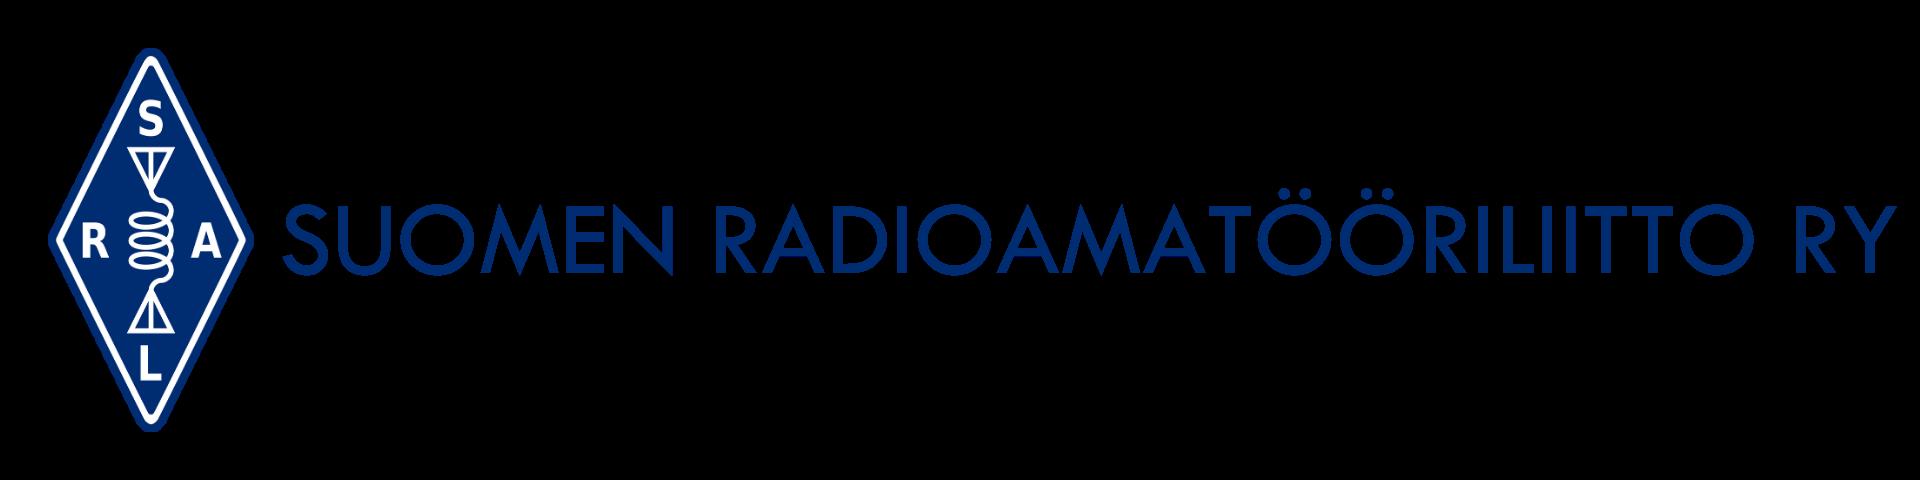 Suomen Radioamatööriliitto -